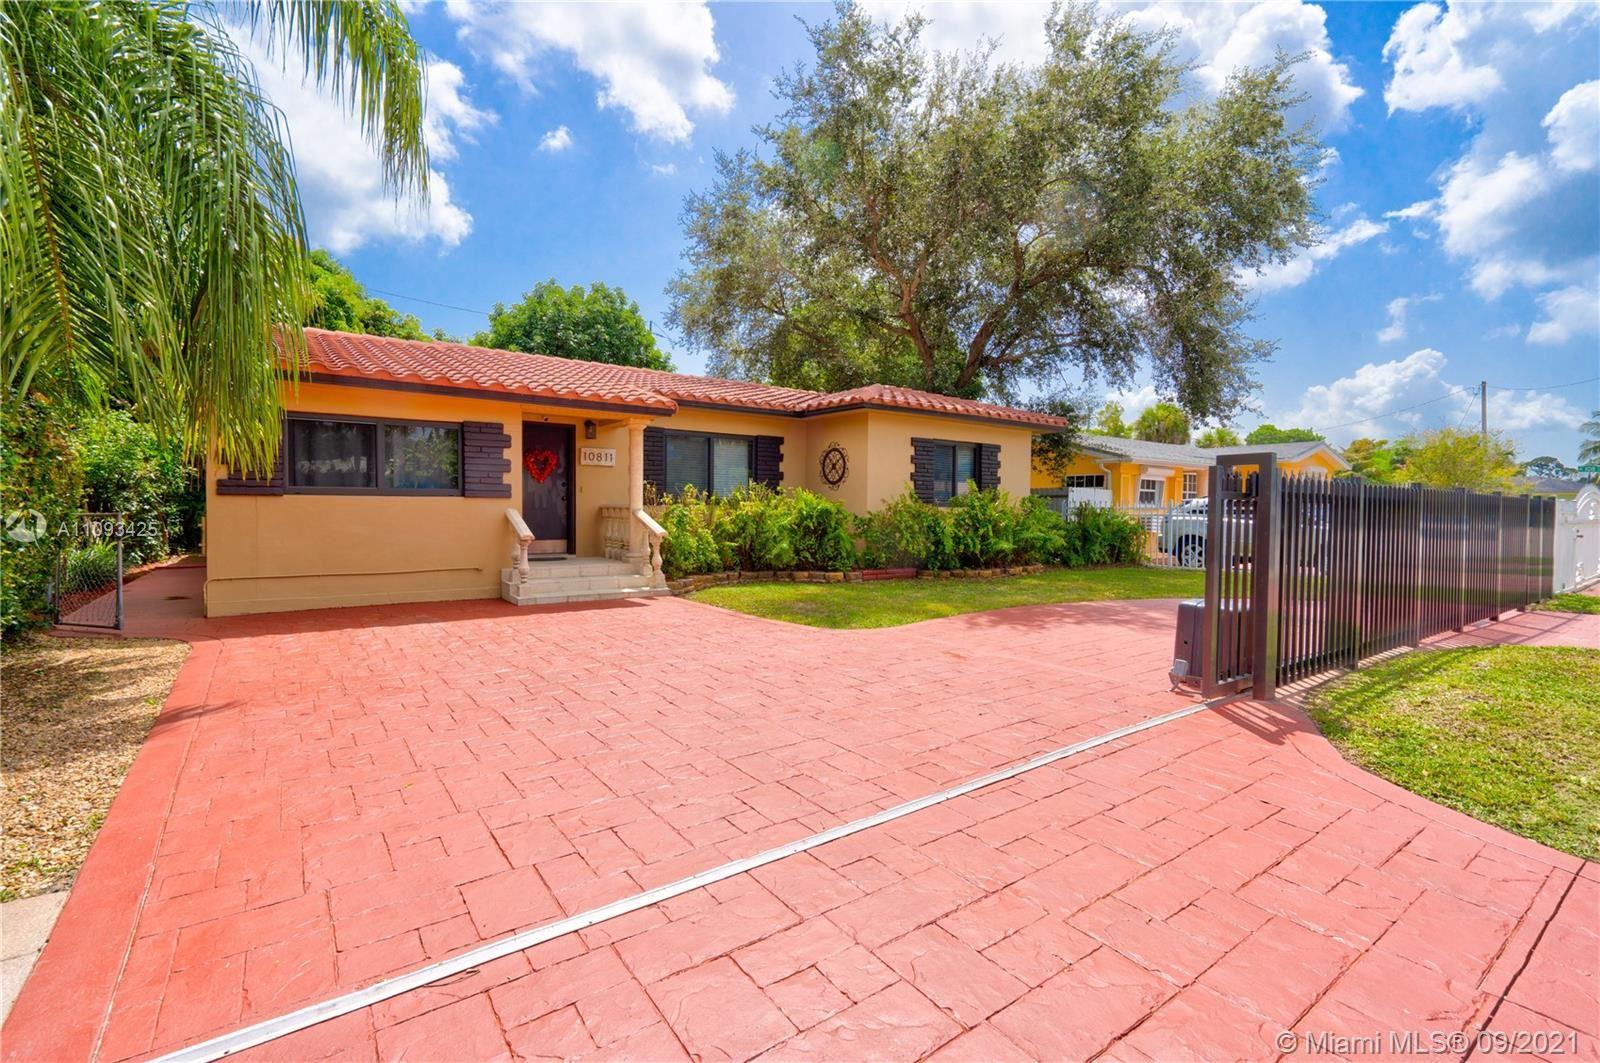 10811 NE 2nd Ave, Miami, FL 33161 - #: A11093425